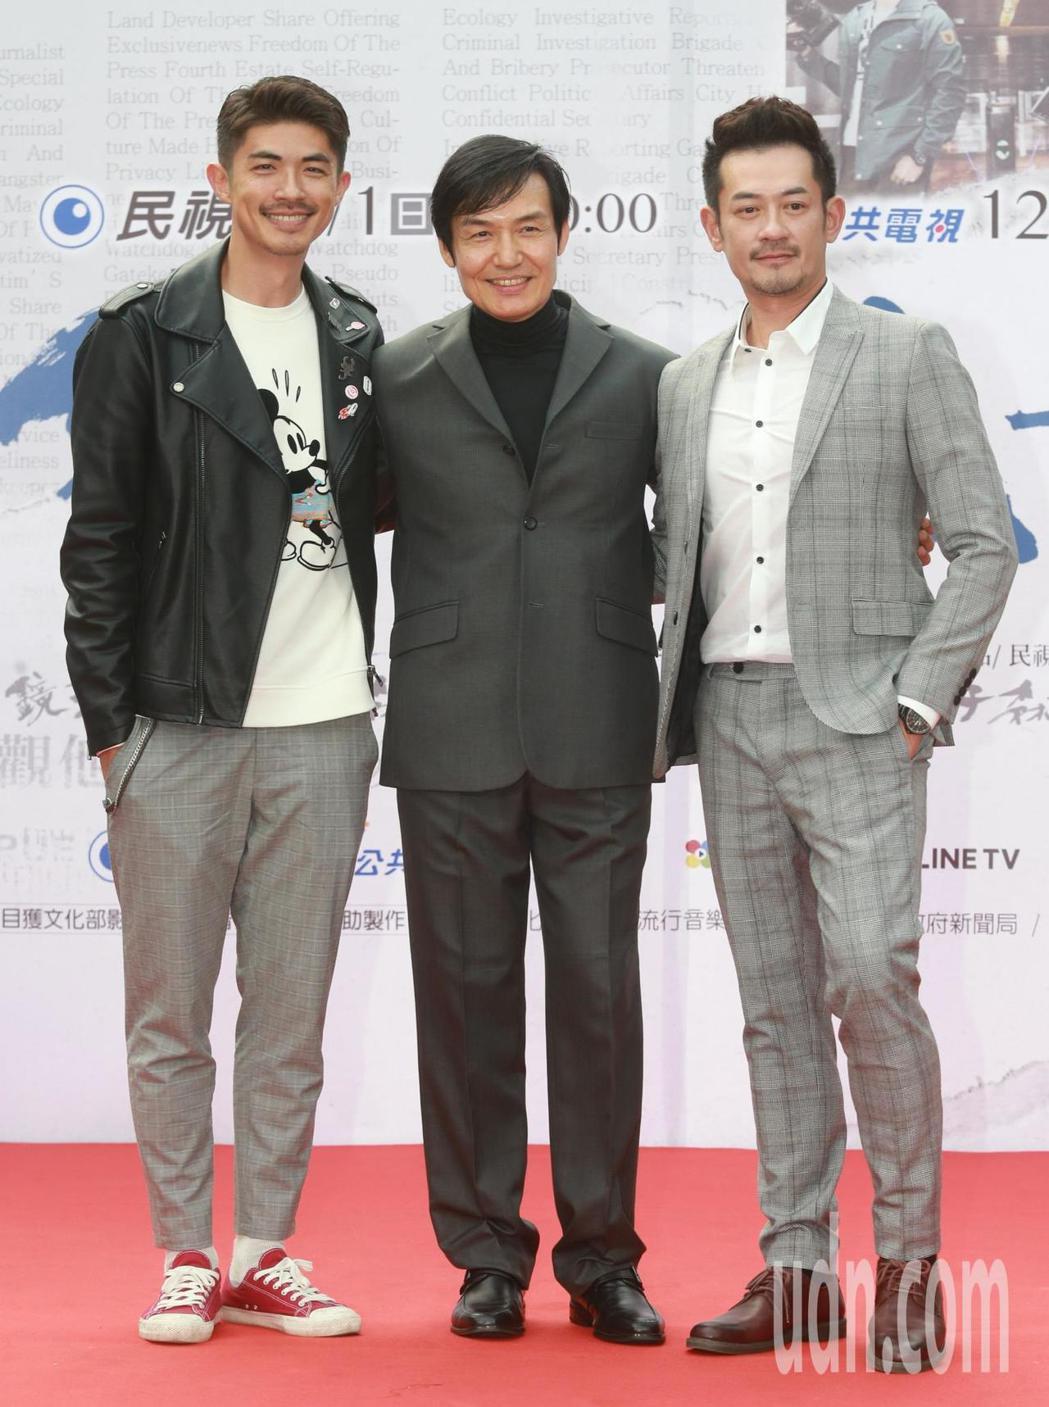 民視「鏡子森林」首映會,演員梁正群(左起)、霍正奇、柯叔元出席首映。記者黃義書/